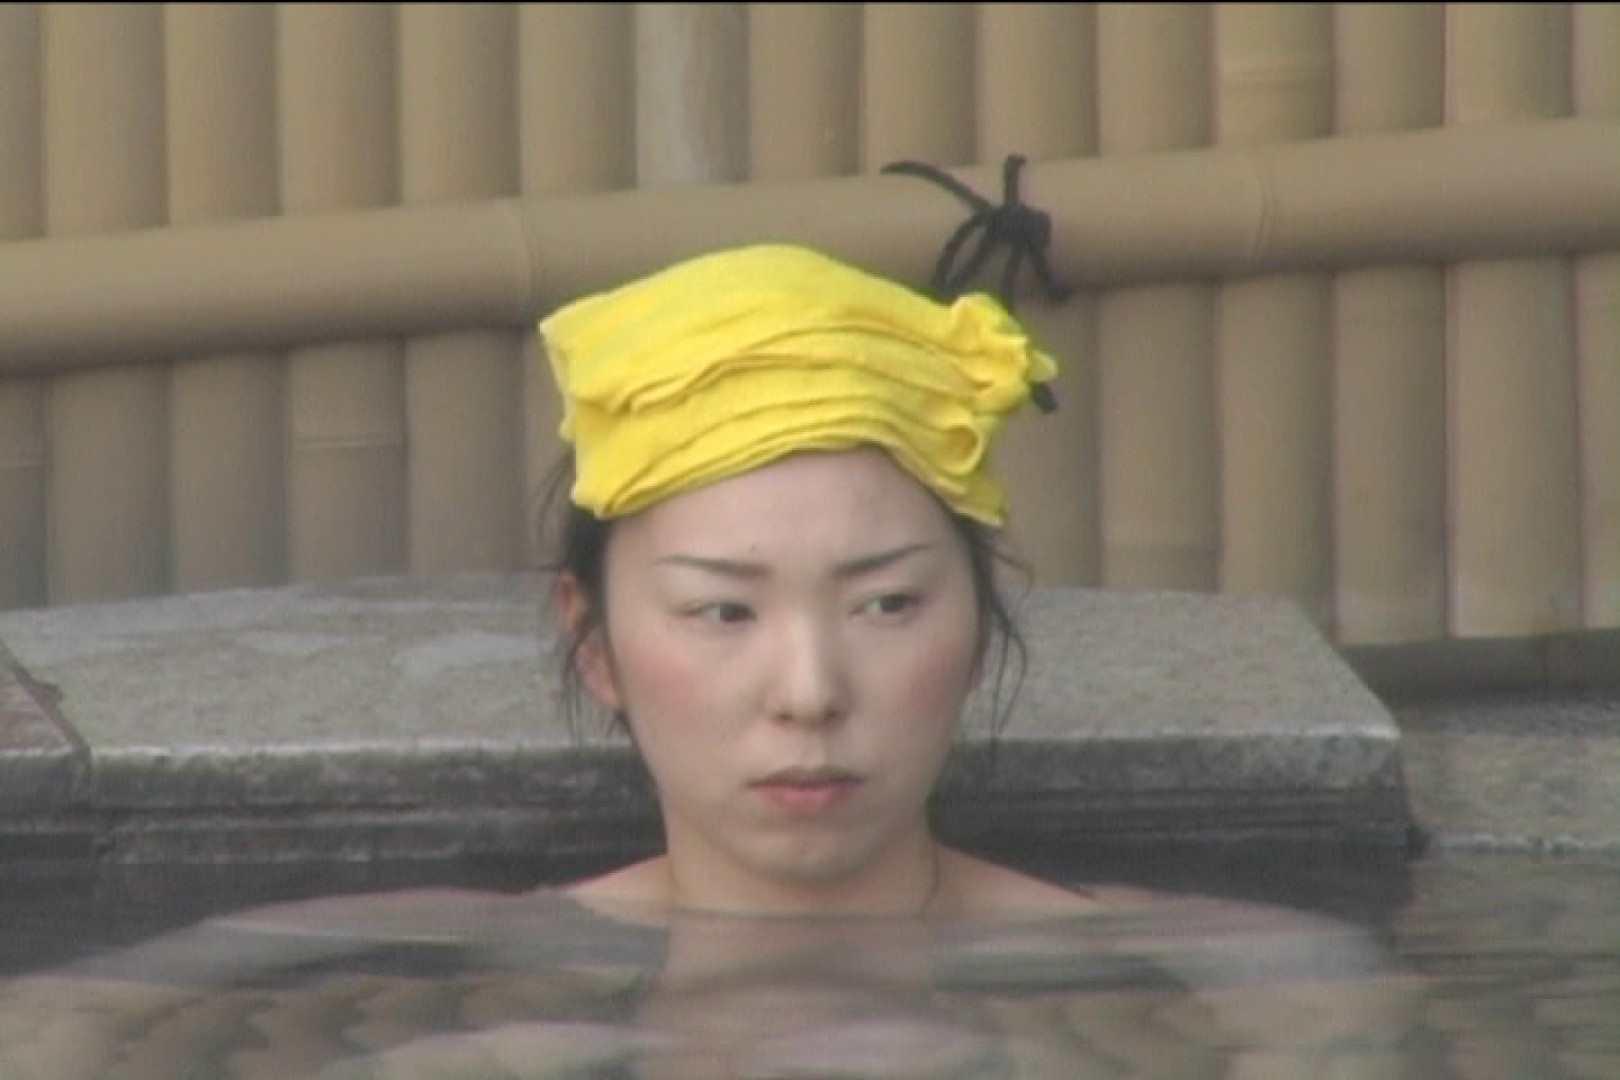 Aquaな露天風呂Vol.529 盗撮師作品 おめこ無修正画像 104pic 65